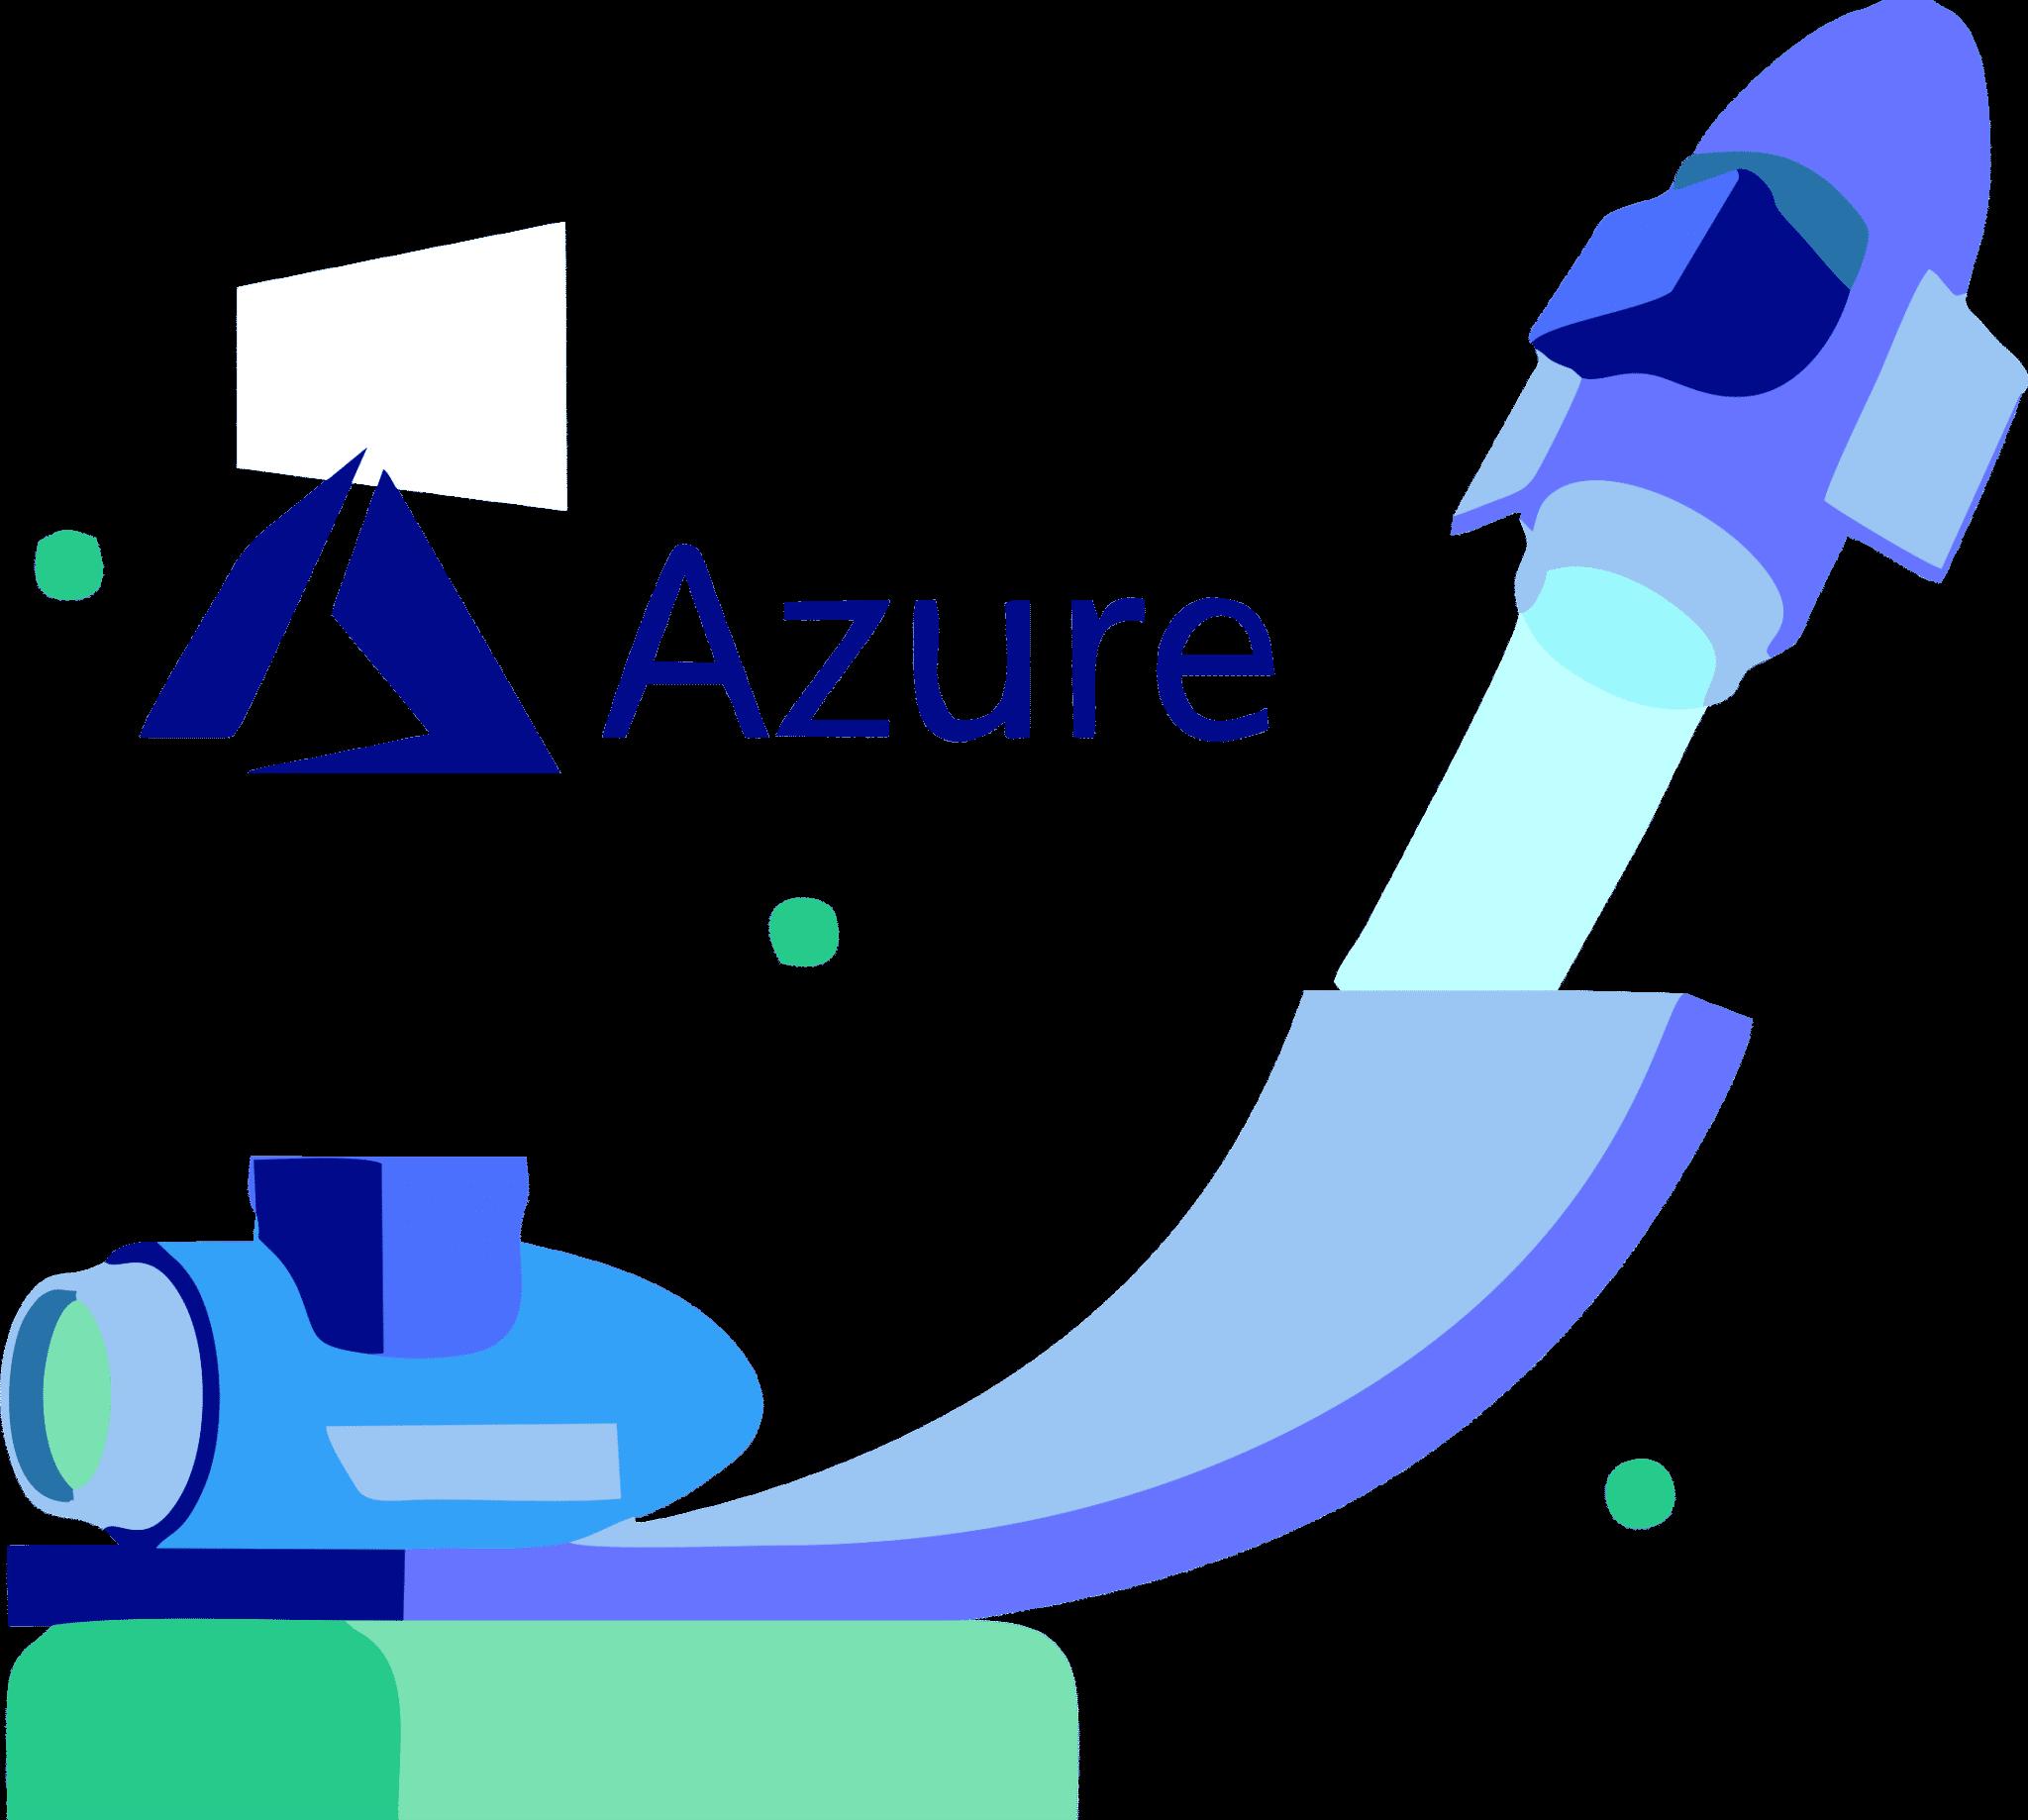 Cohete despegando desde una rampa hacia la nube con logo de Microsoft Azure